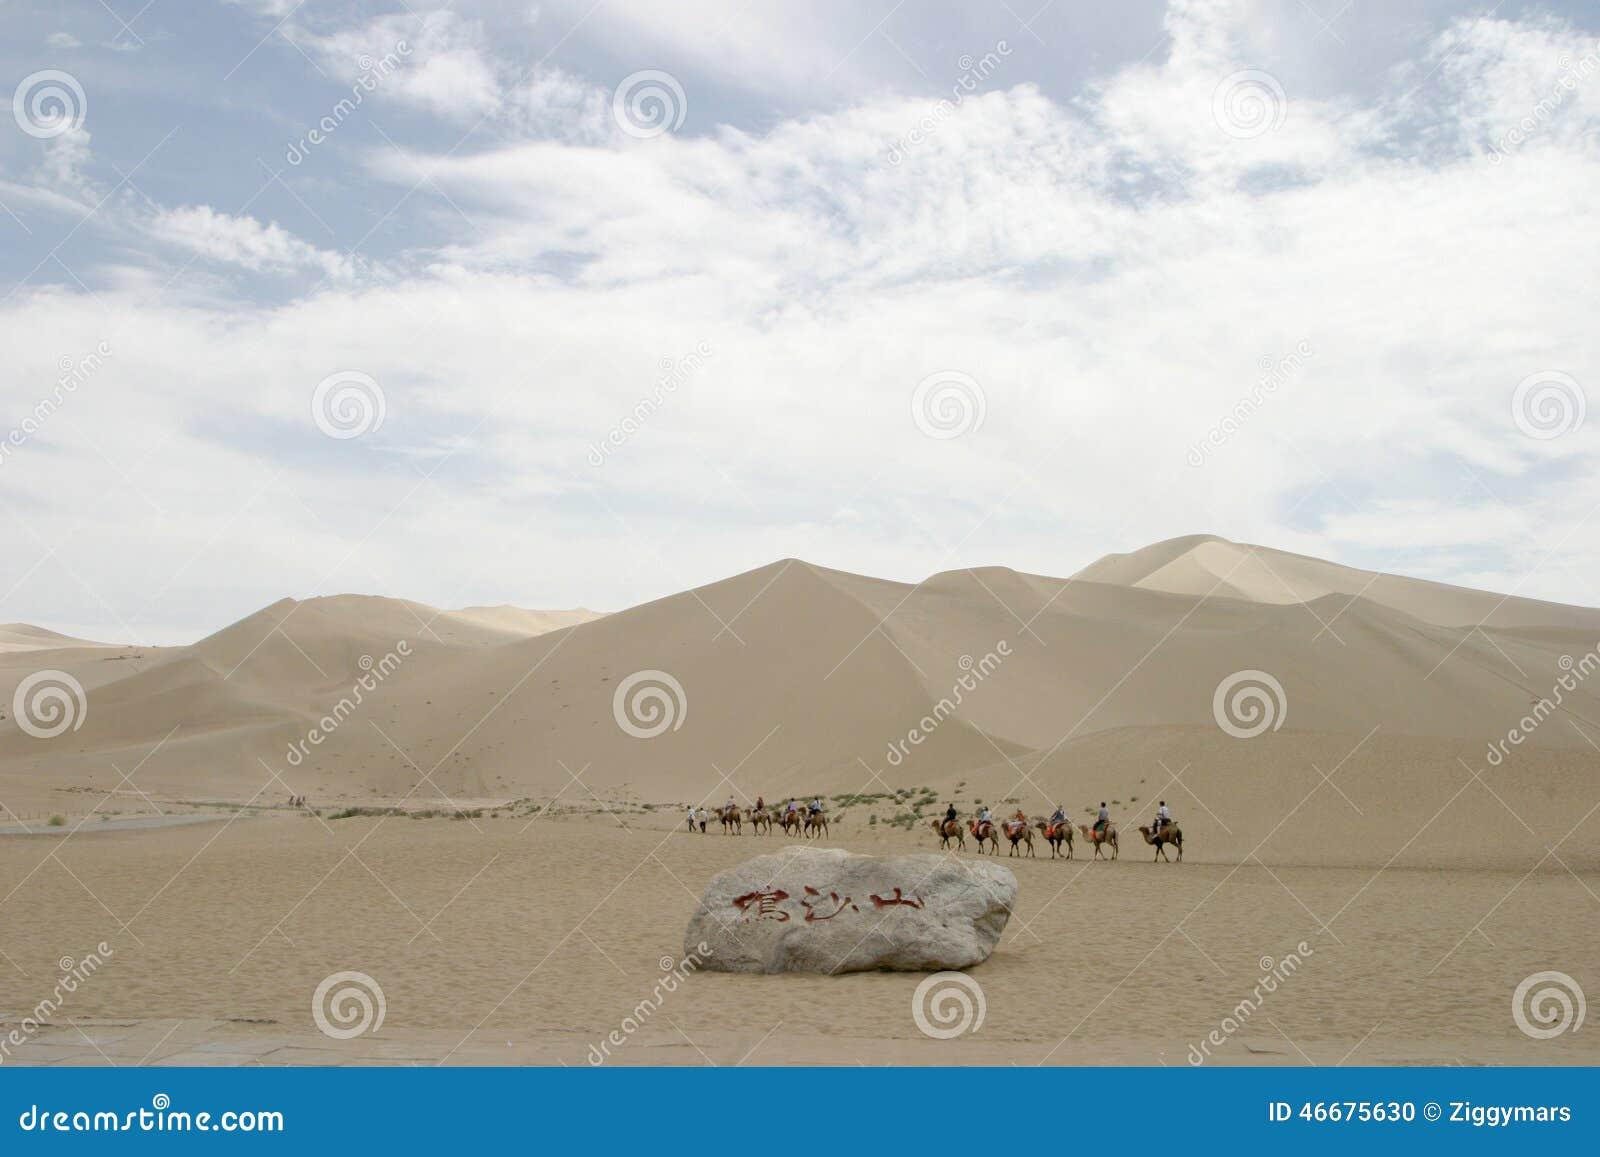 Mingsha Shan in Dunhuang